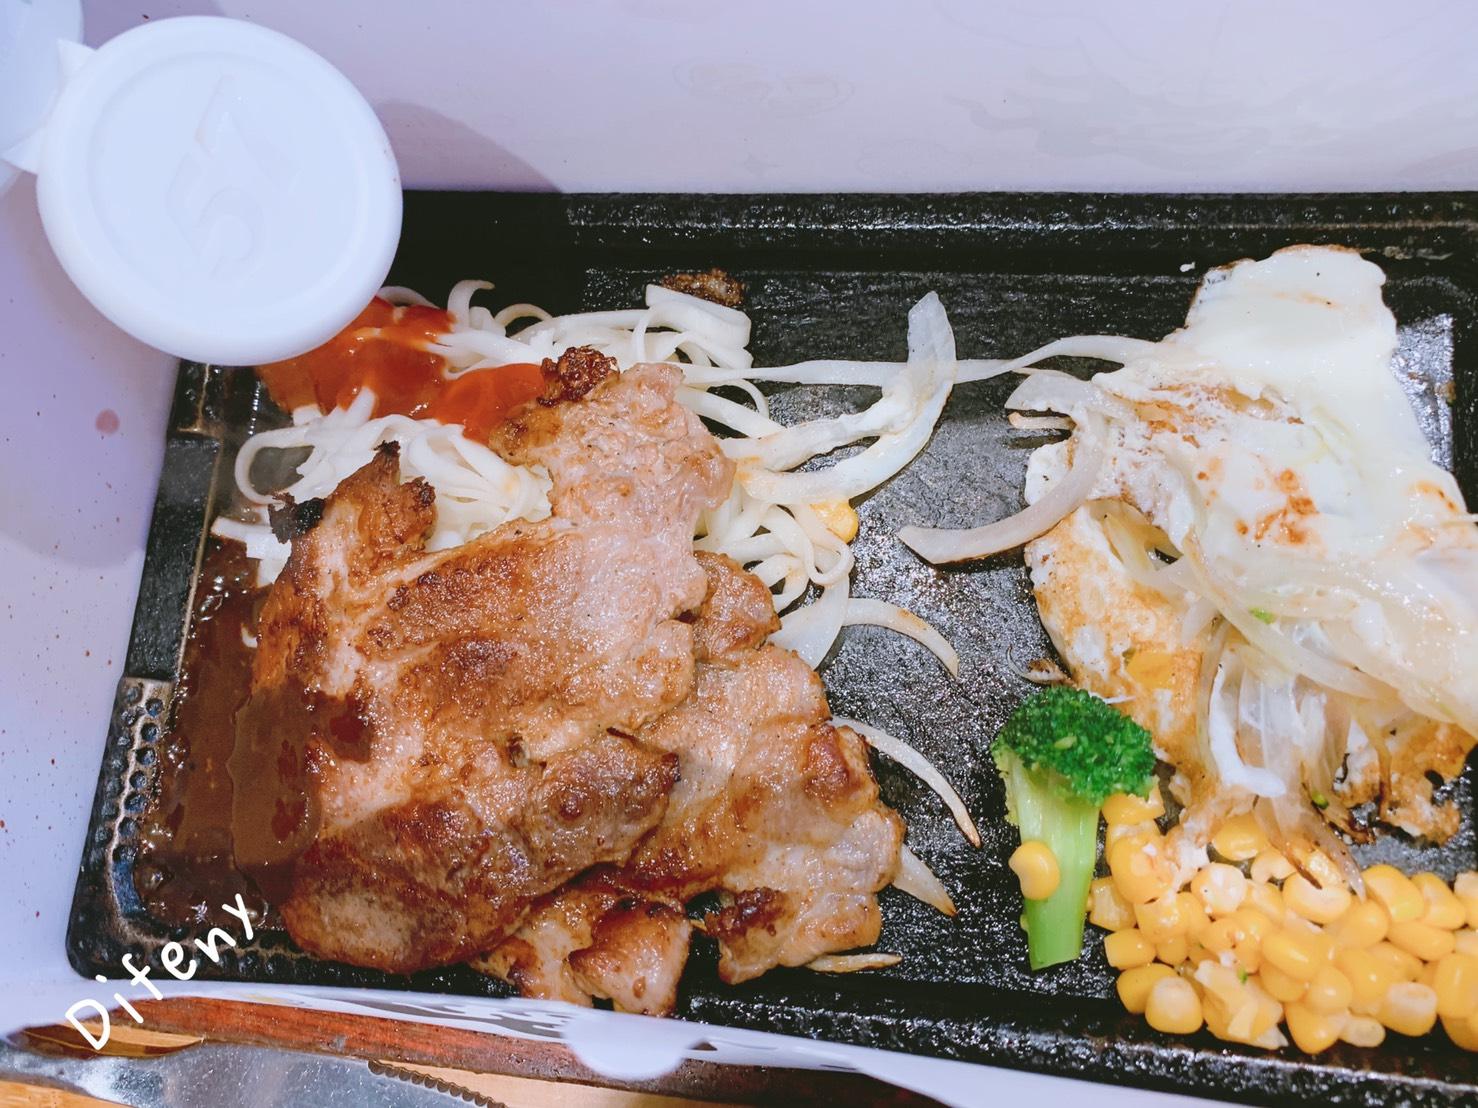 鉄火牛排|新店京站小碧潭美食街人潮店家,和牛肉燥飯、玉米濃湯、珍珠豆花吃到飽~鐵火牛排